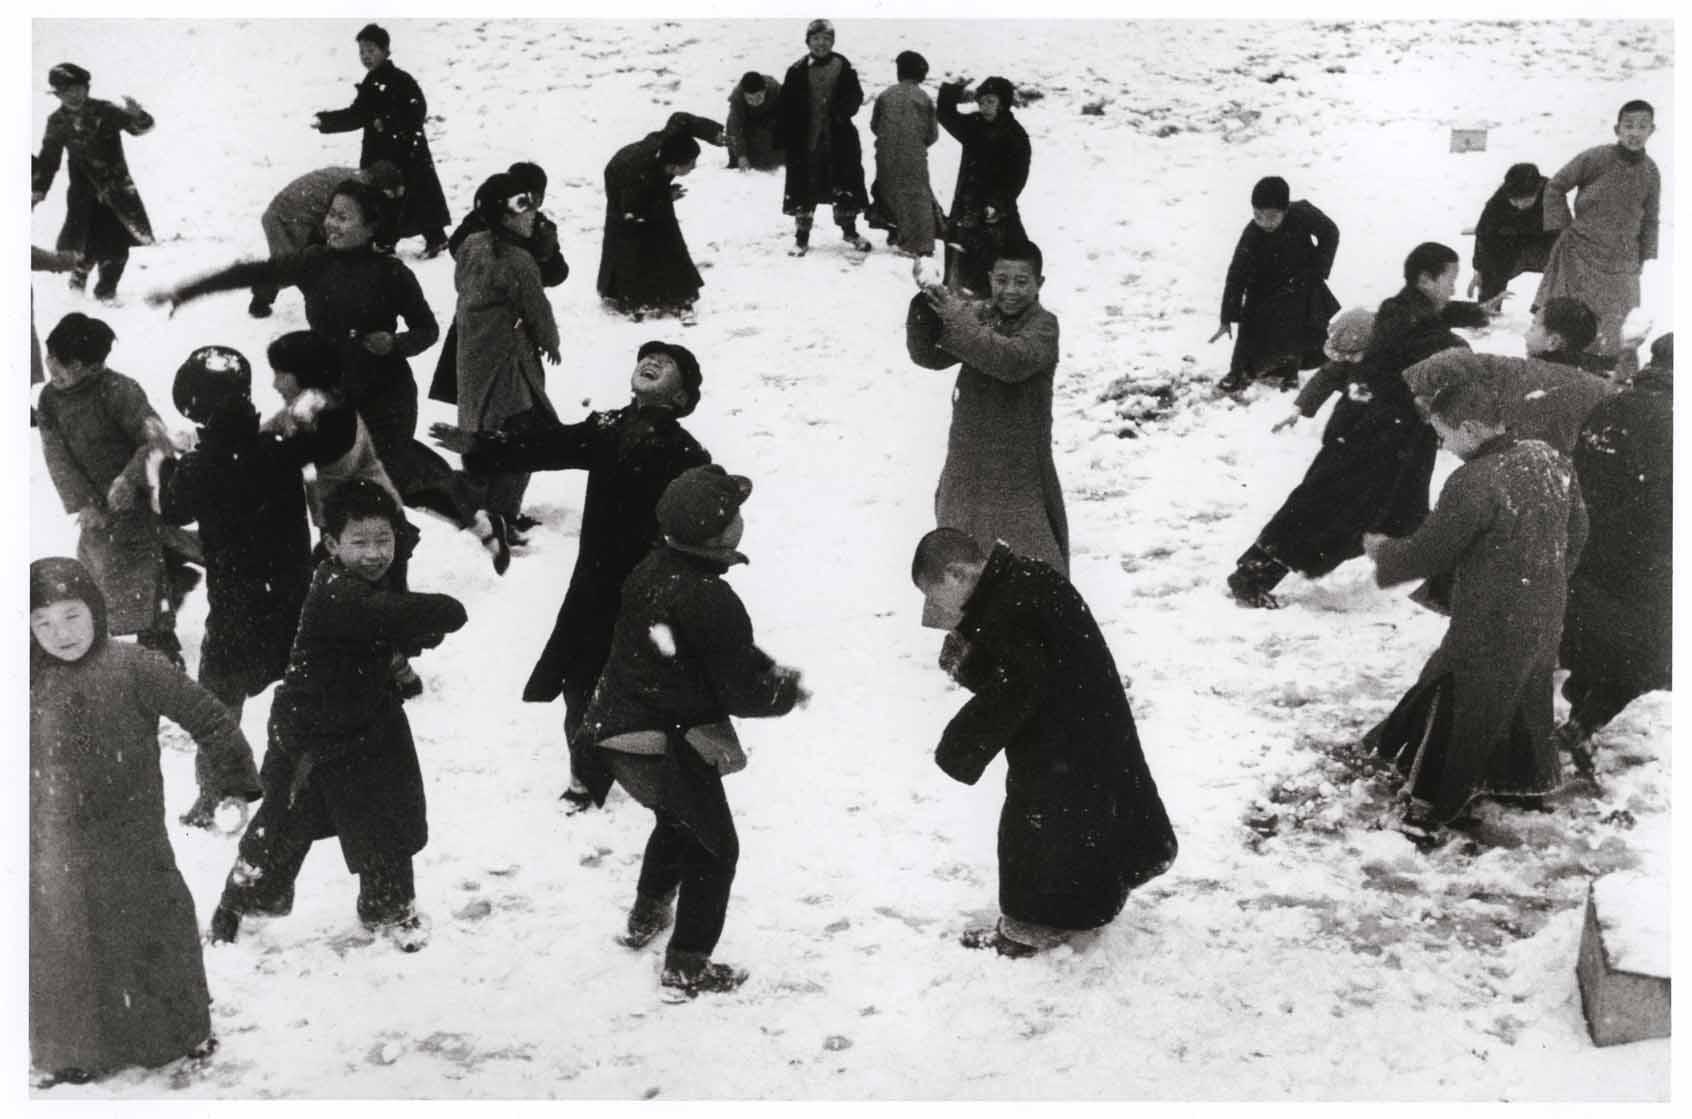 Kinder während einer Schneeballschlacht in Hankou, China, März 1938